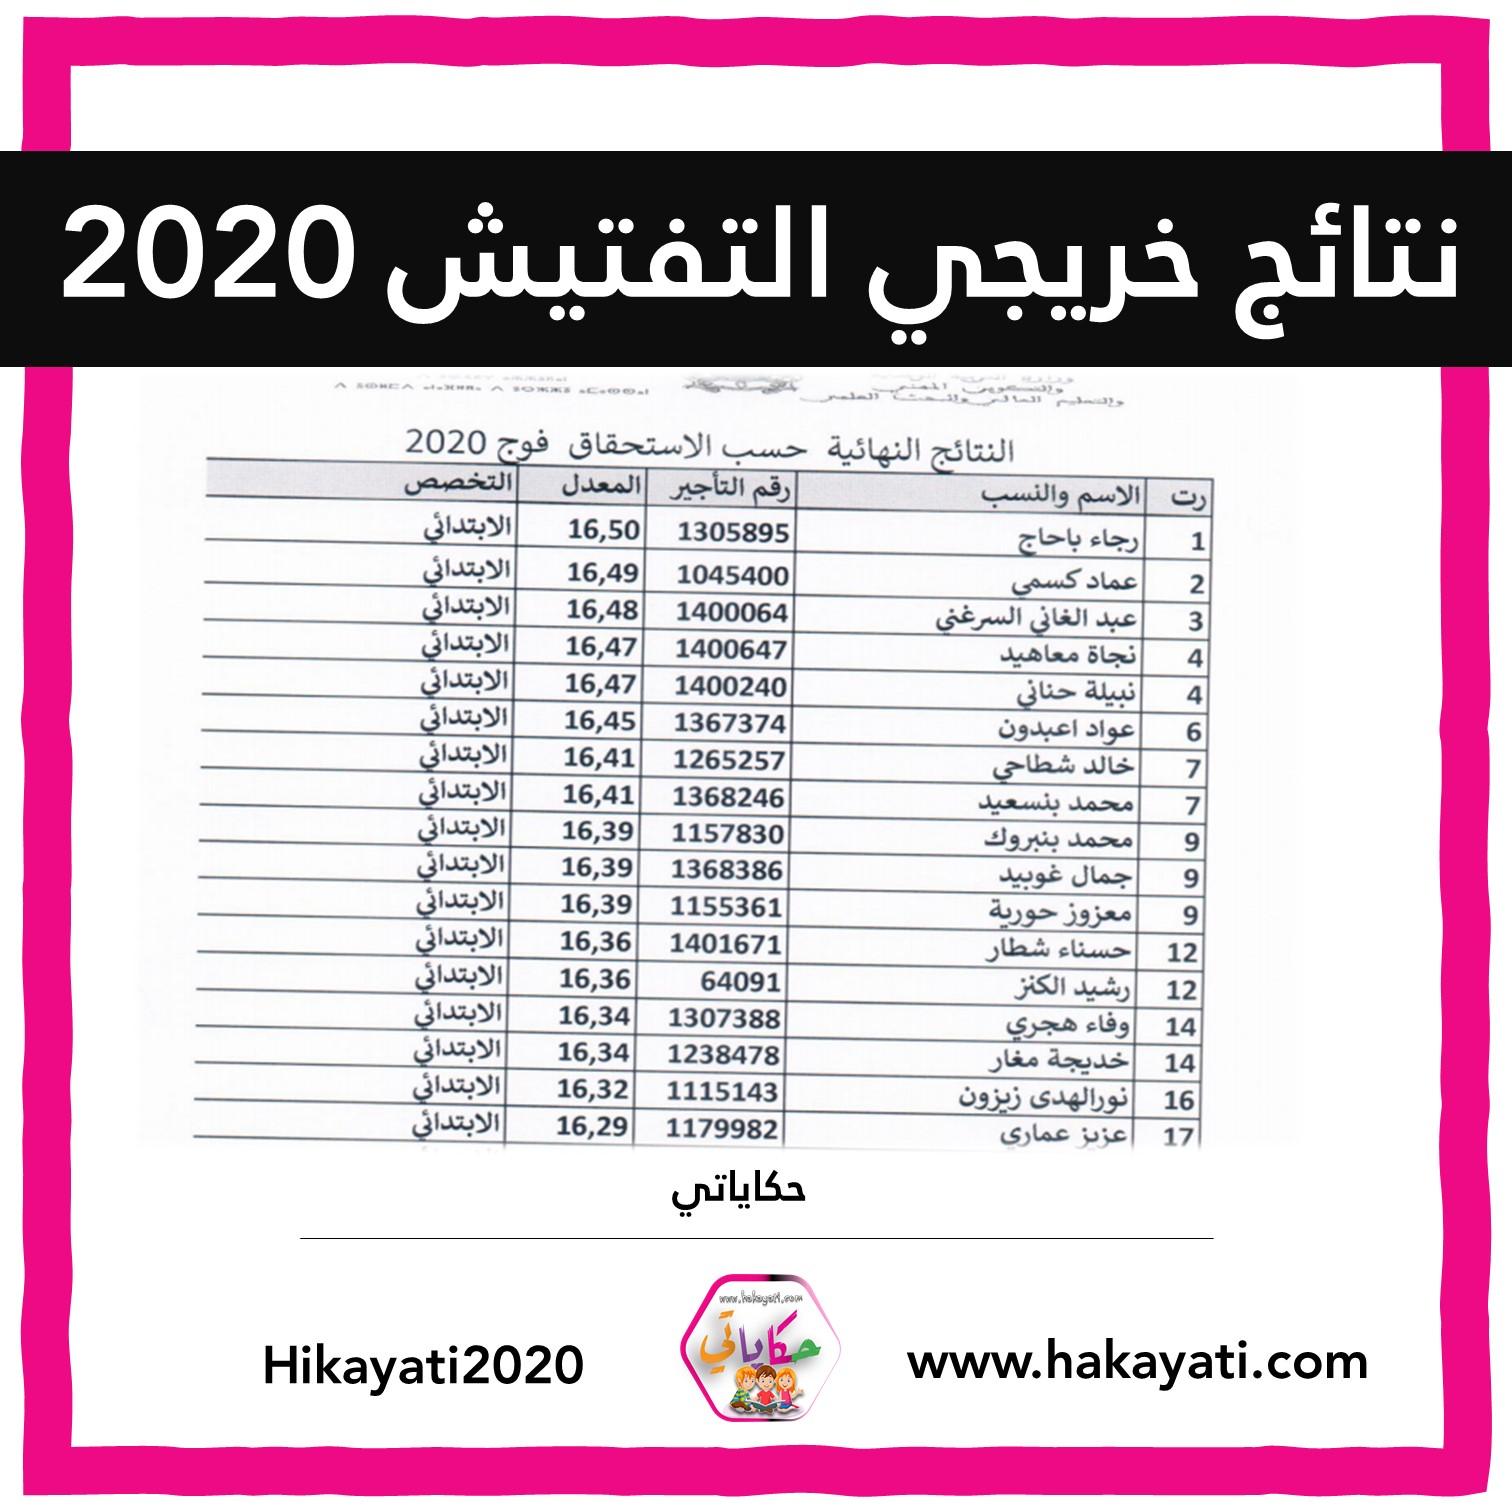 النتائج النهائية لخريجي التاطير التربوي (التفتيش)2020